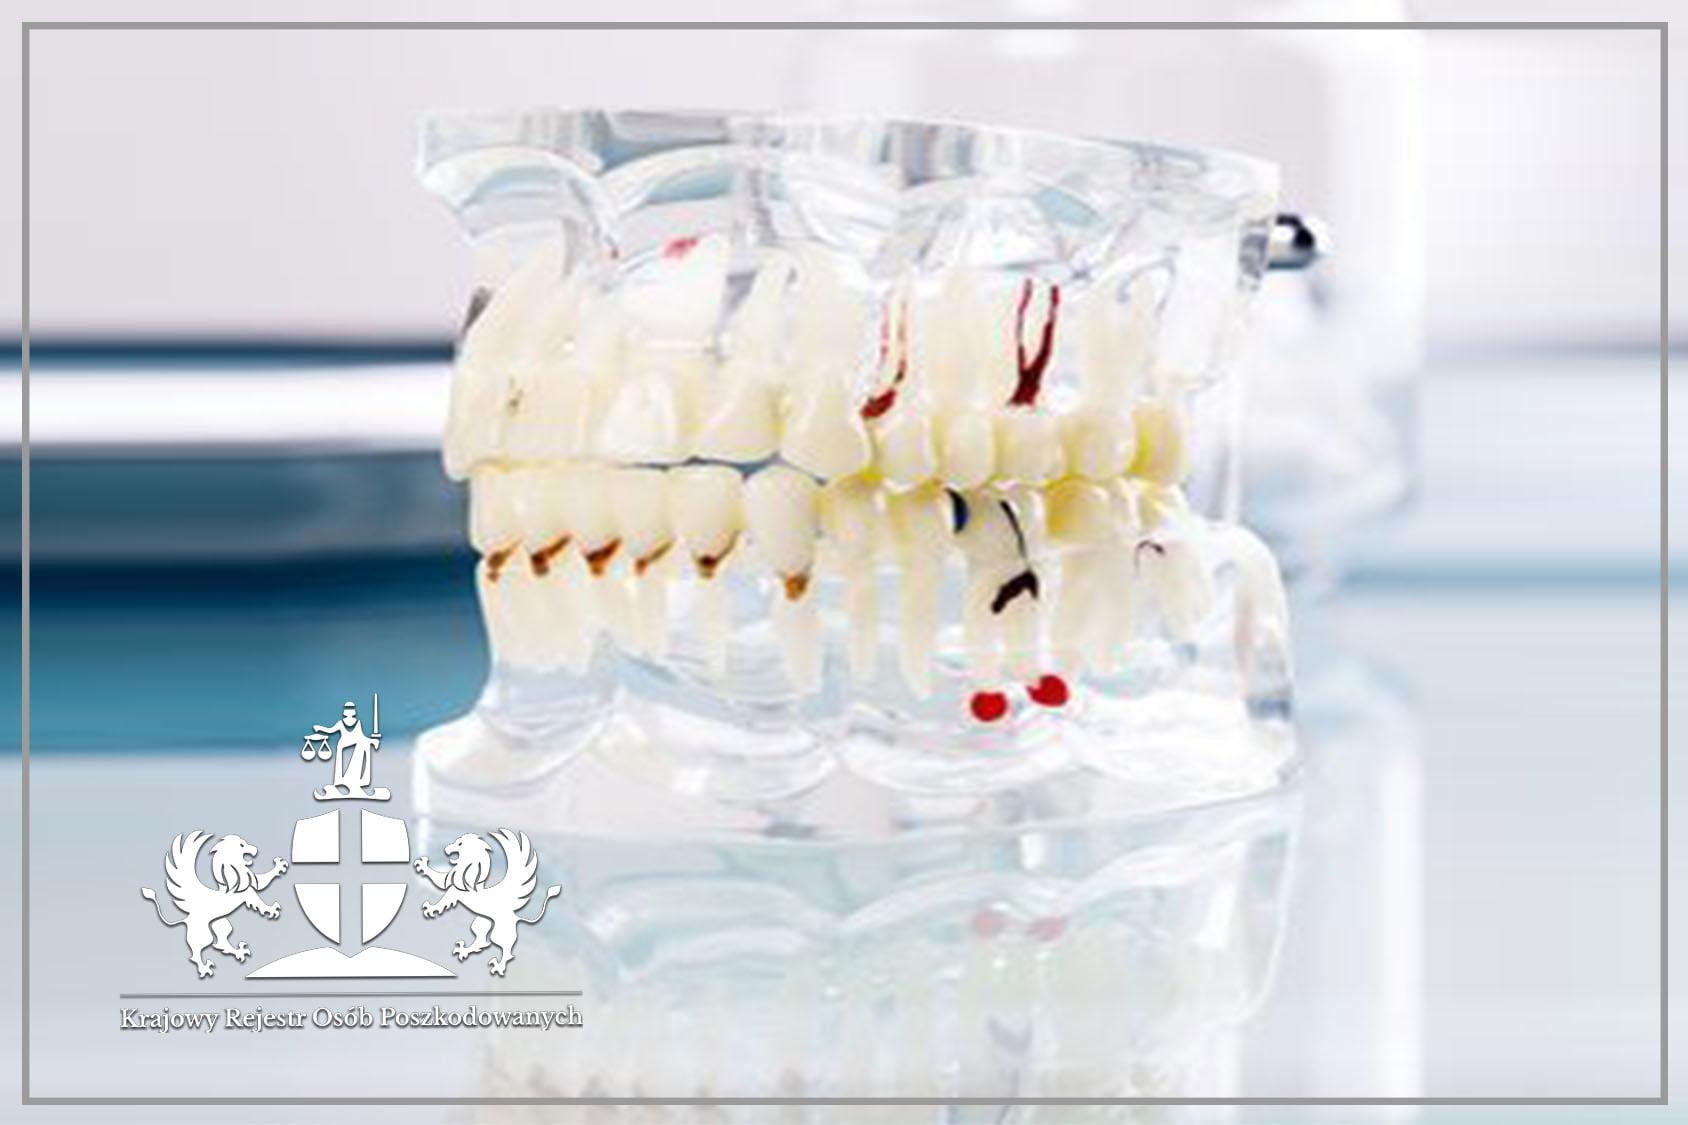 Odpowiedzialność właściciela kliniki dentystycznej za błąd medyczny